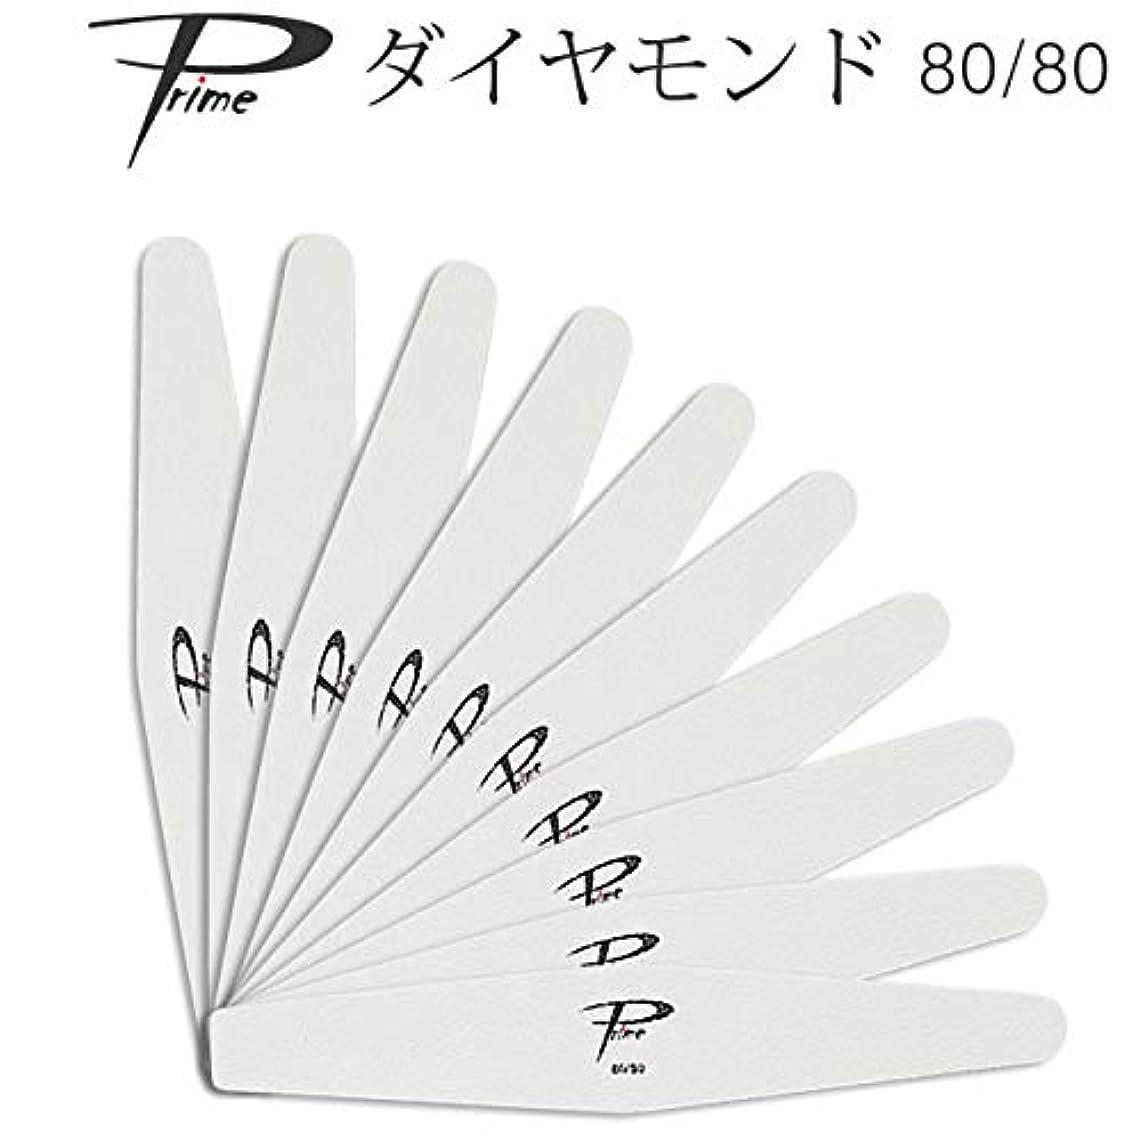 プーノ取り出す汚染された10本セット PrimeダイヤモンドFILE 80/80